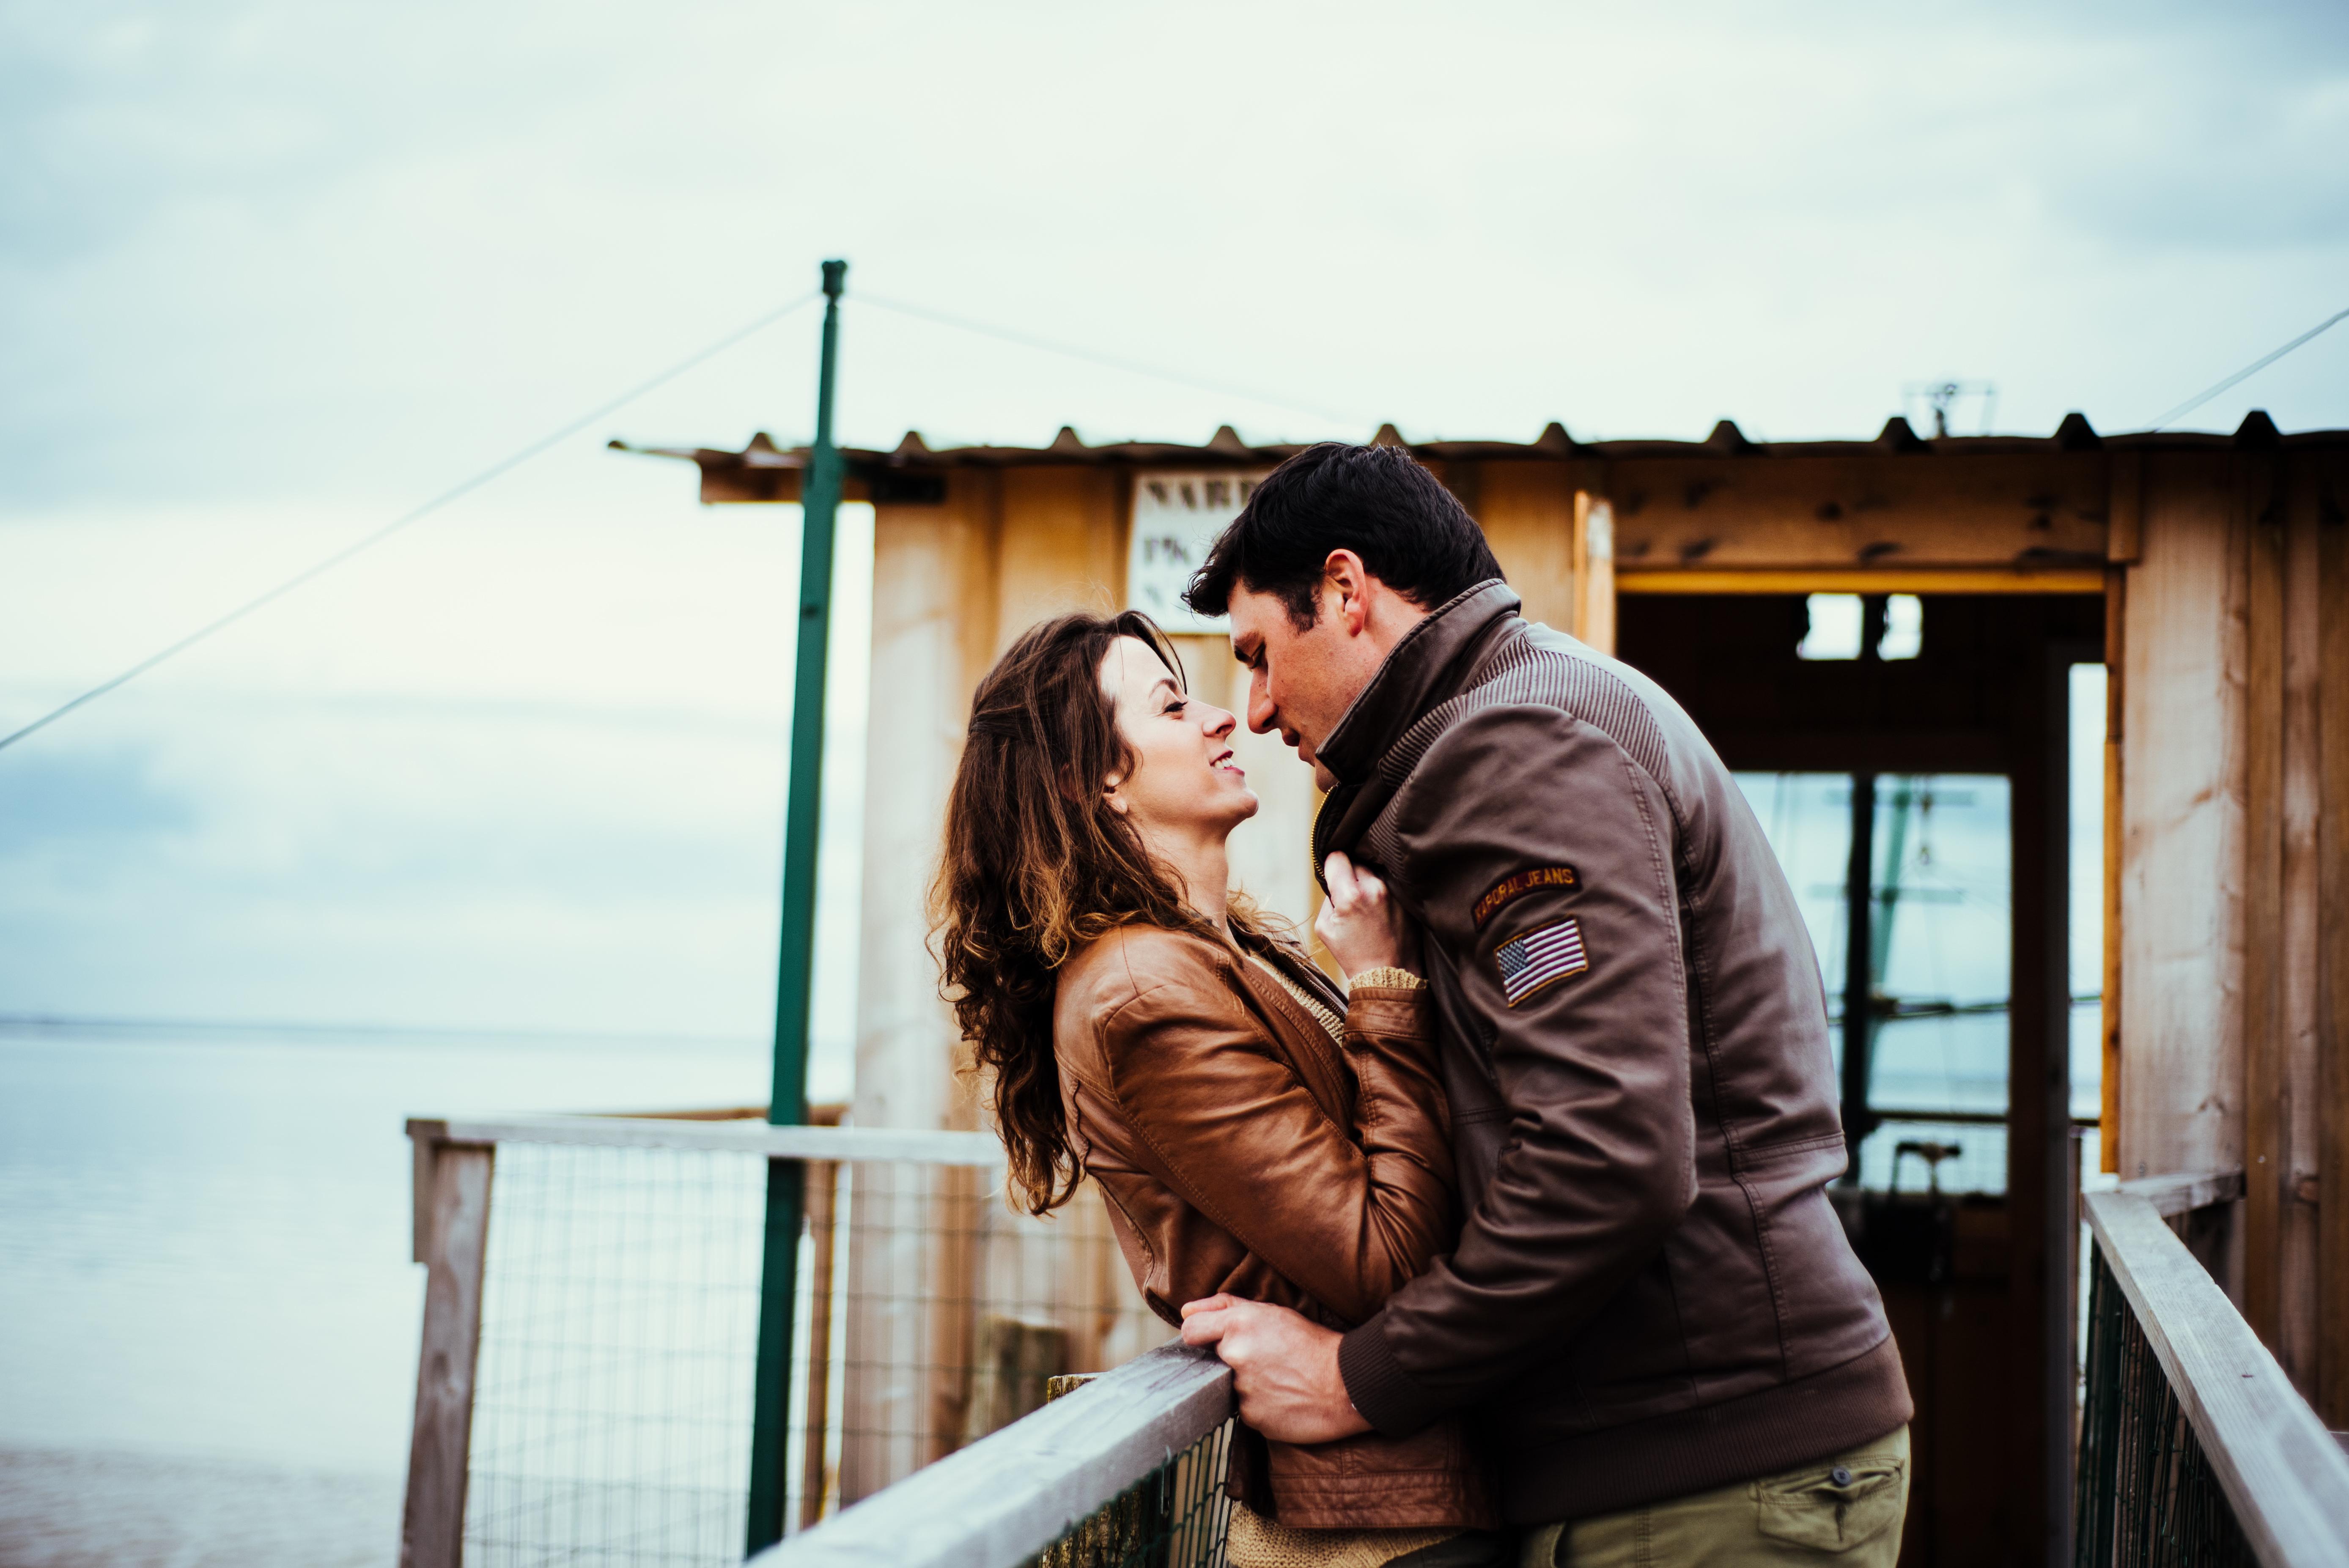 Photographe de mariage en GIronde, Dordogne et Bordeaux, cette séance couple a été réalisée dans le Médoc du côté de Pauillac et Hourtin